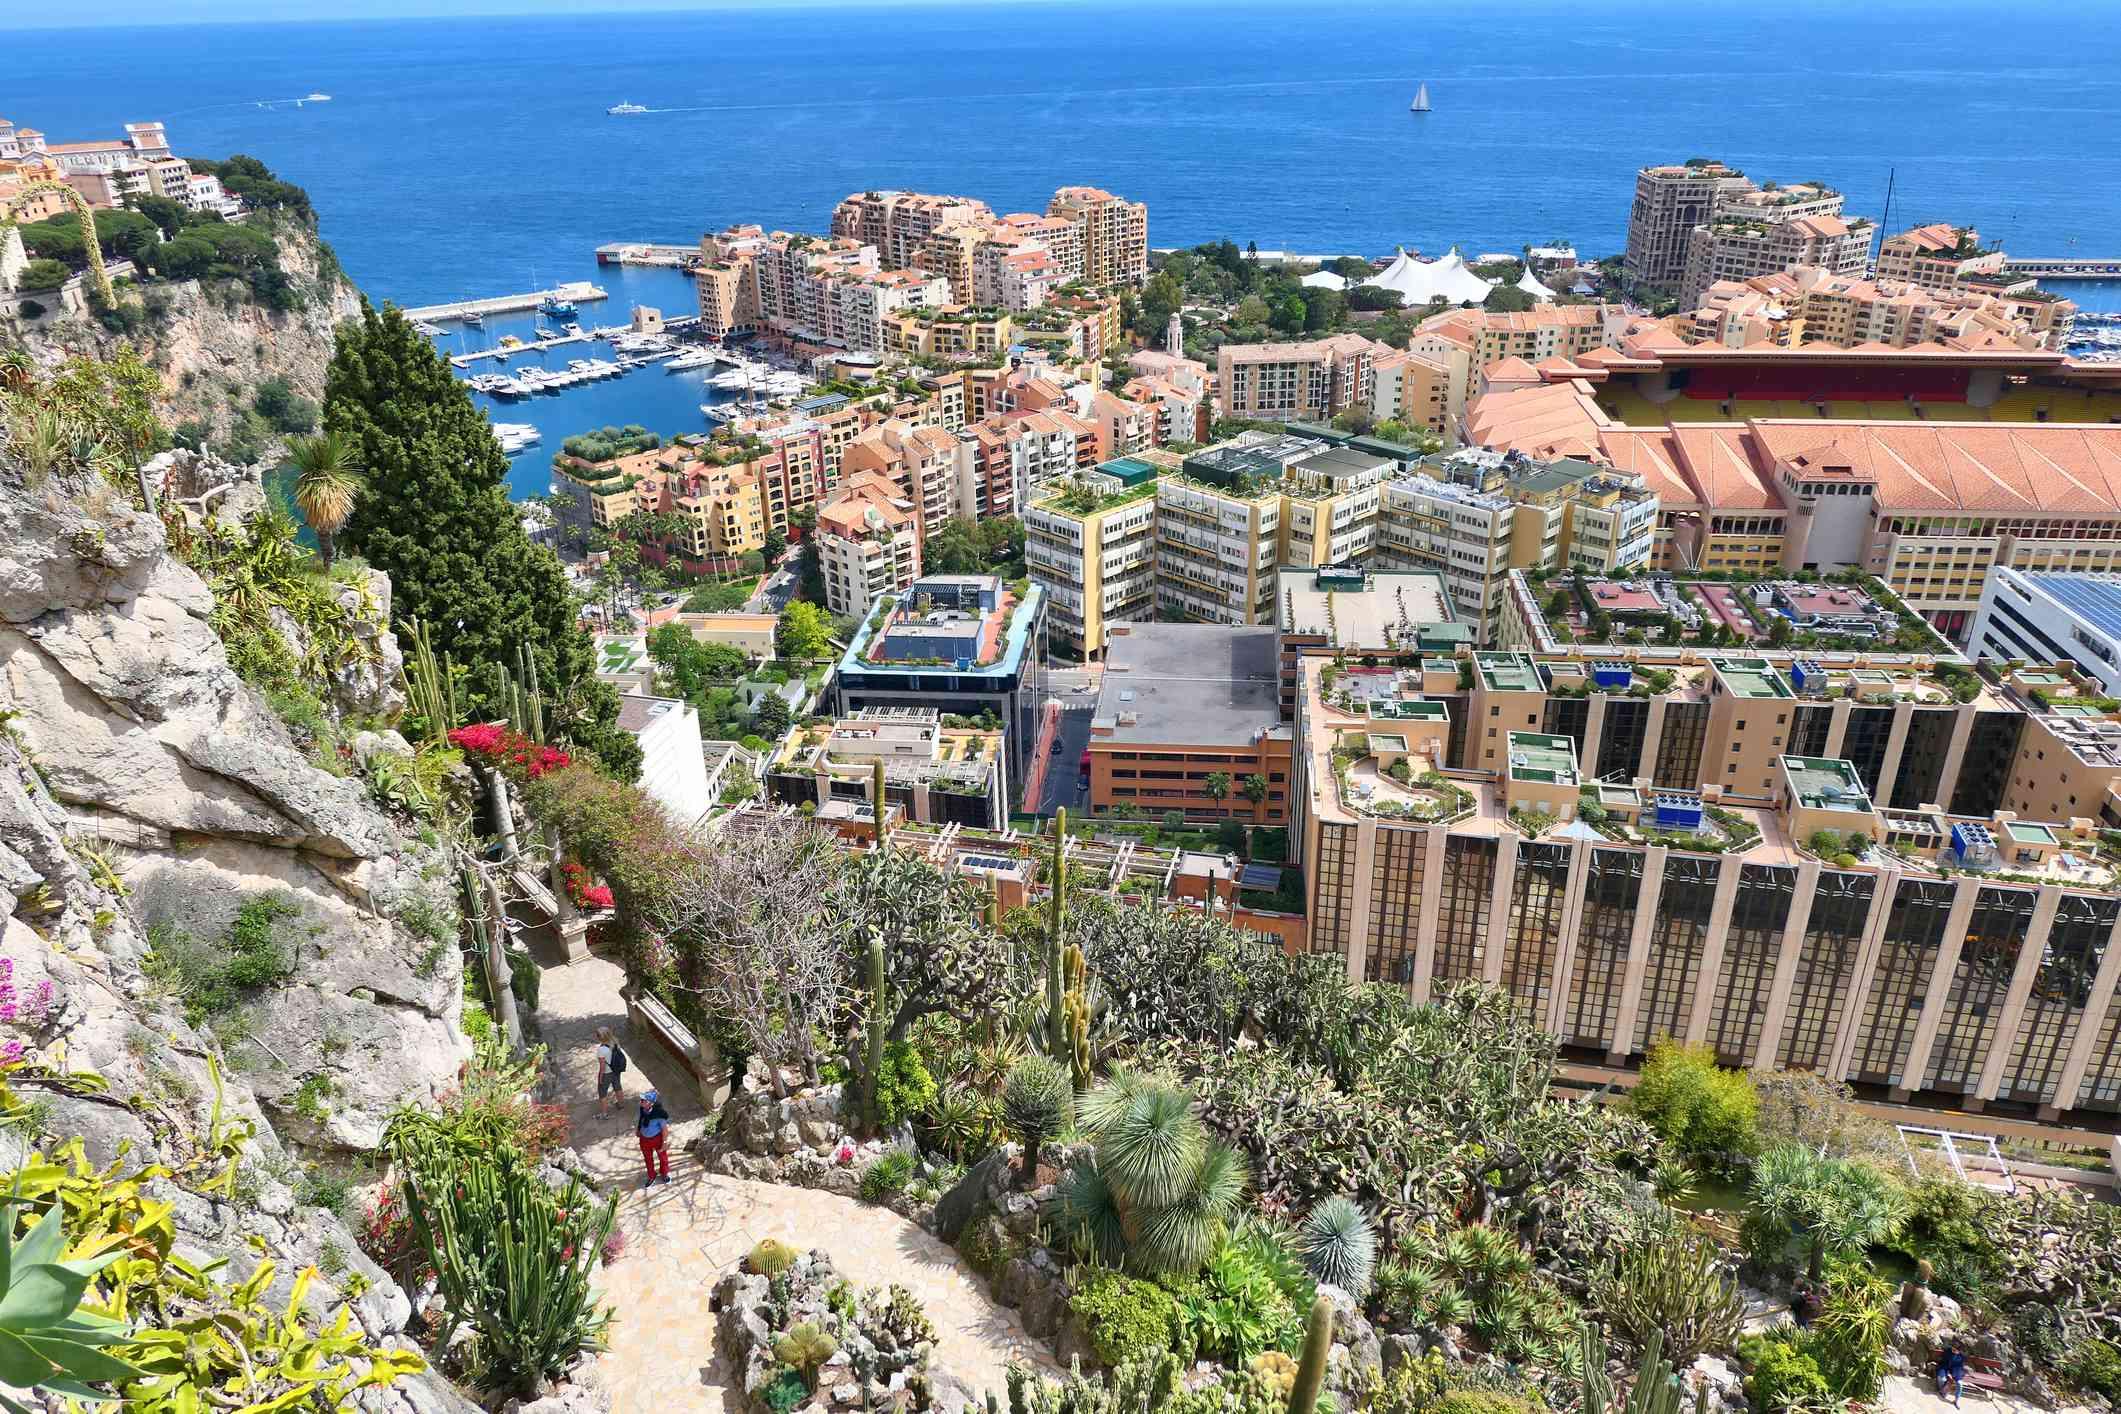 Exotic garden in Monaco.